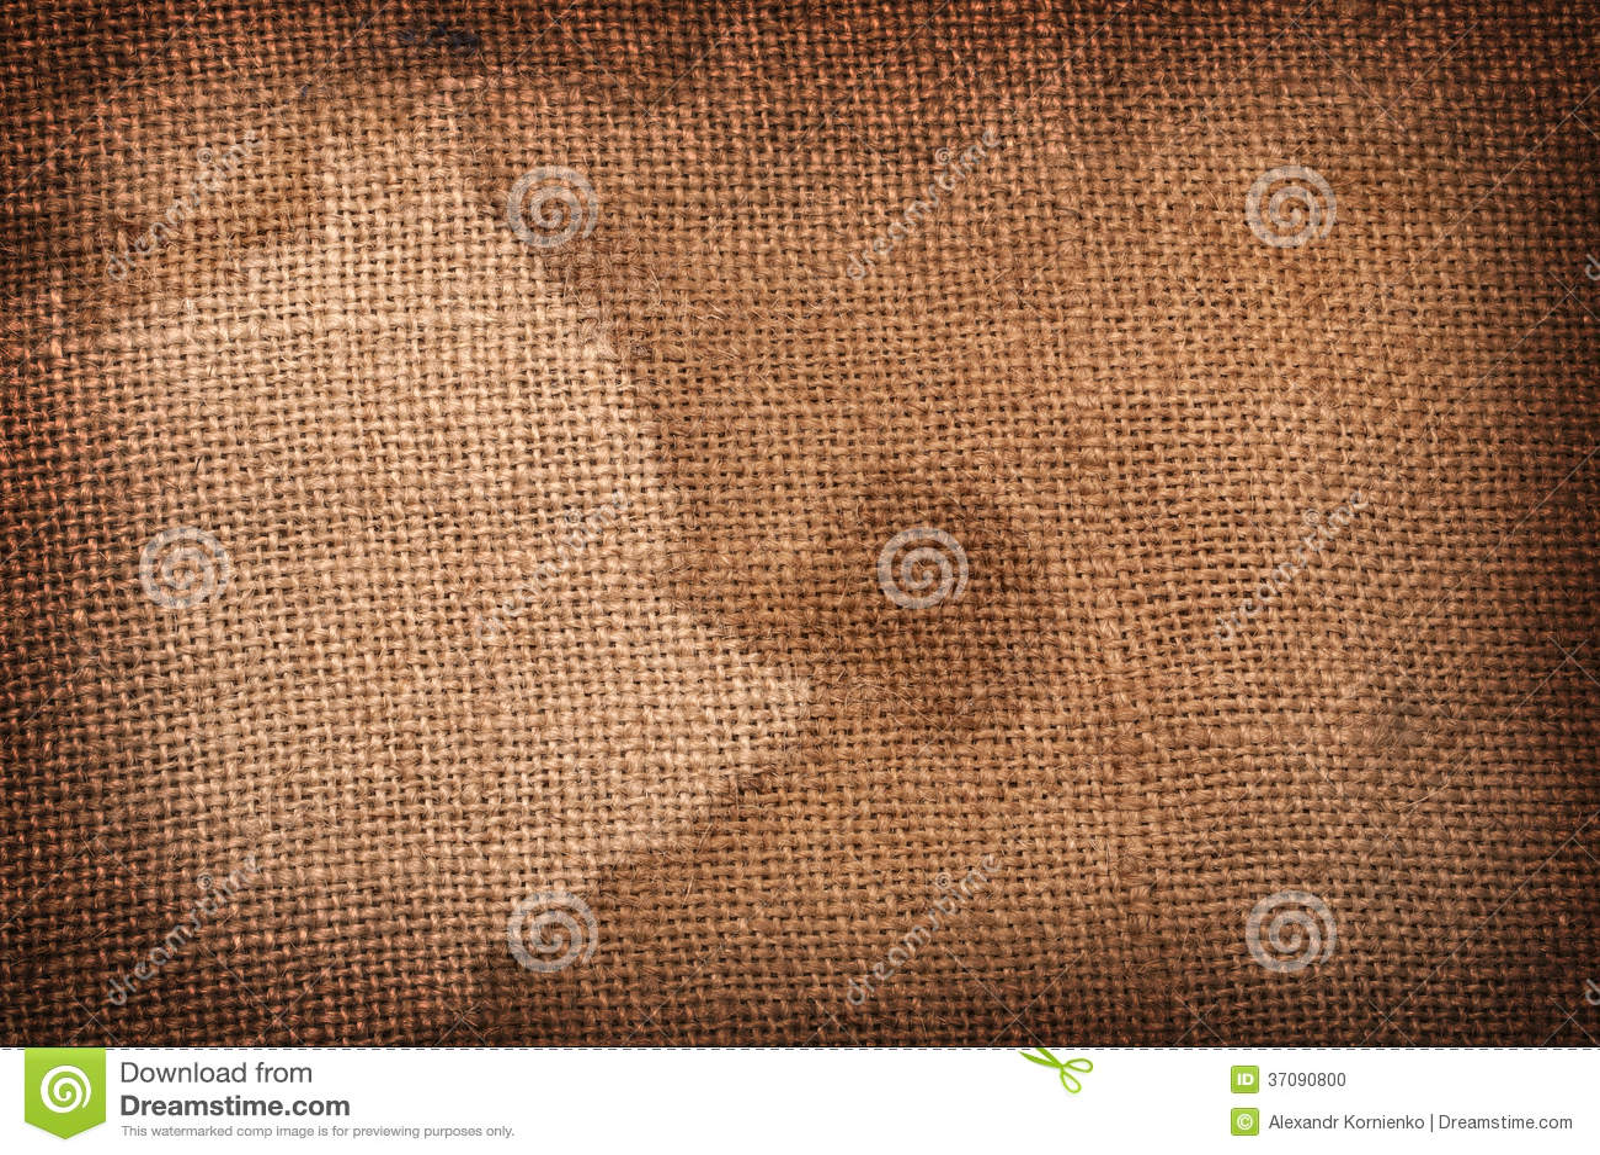 Download Tekstura burlap zdjęcie stock. Obraz złożonej z bawełna - 37090800